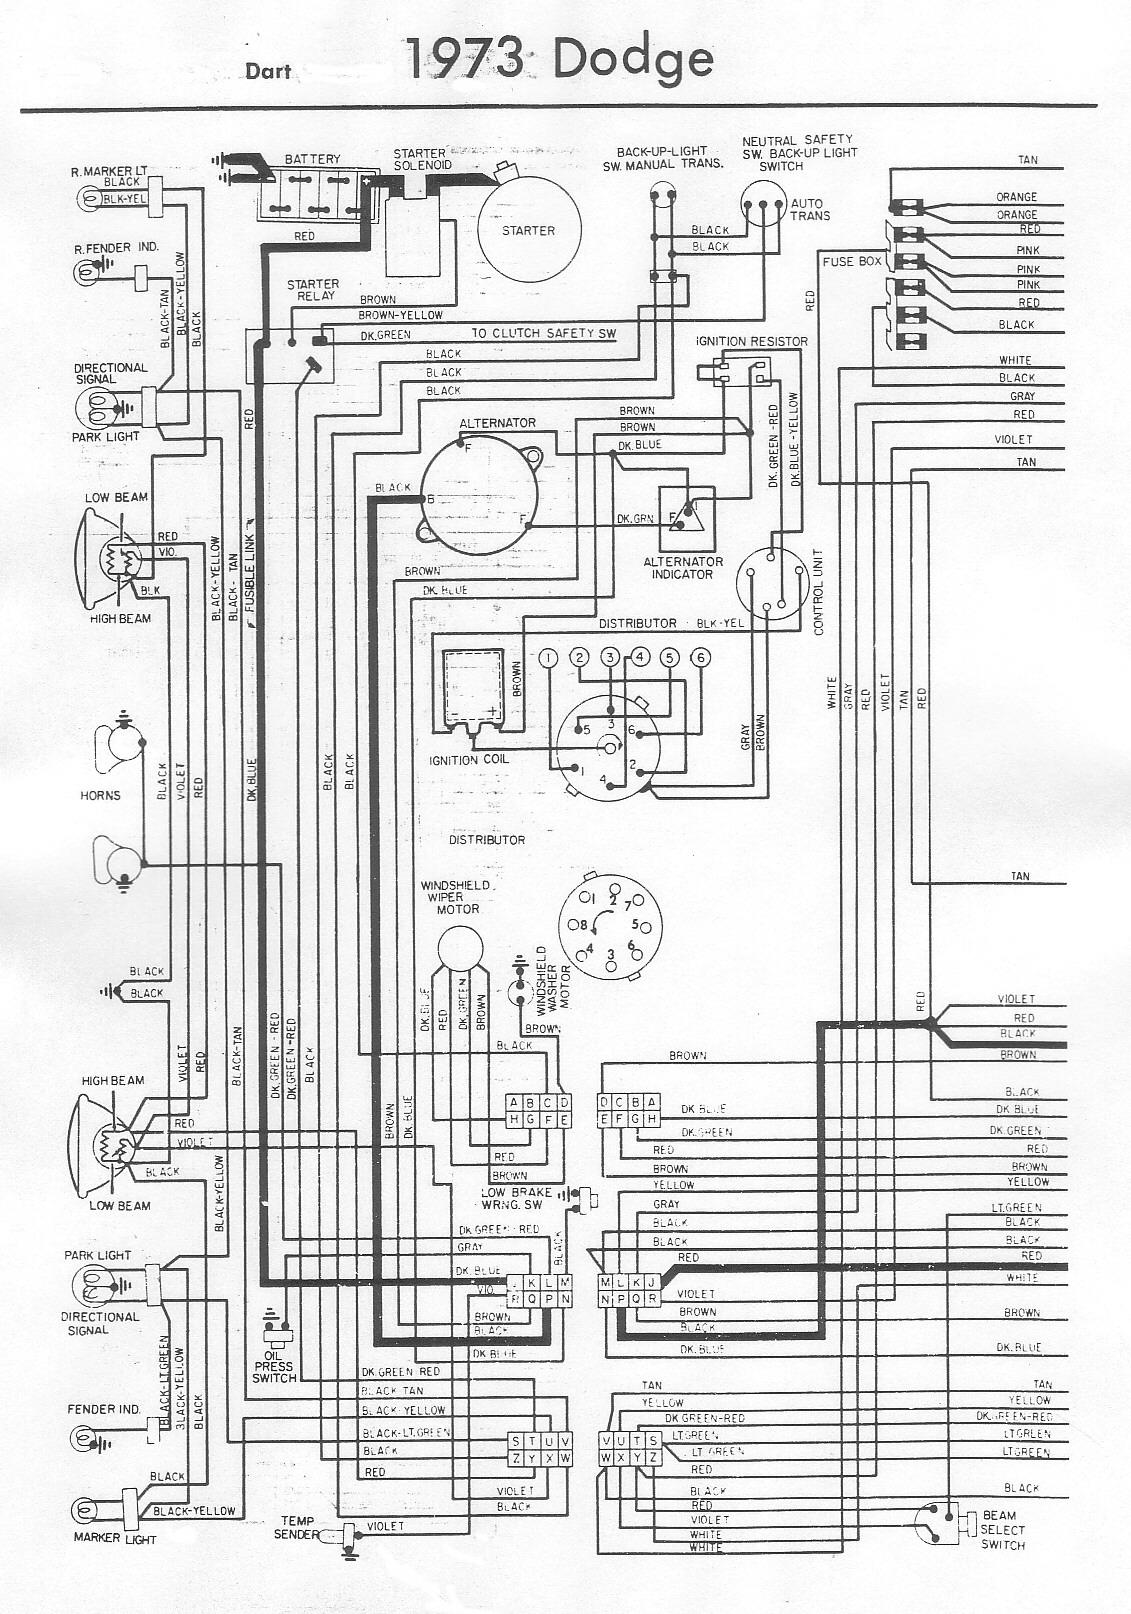 1968 Coronet Engine Wiring Diagram Prs Pickup Wiring Diagrams Ezgobattery Yenpancane Jeanjaures37 Fr